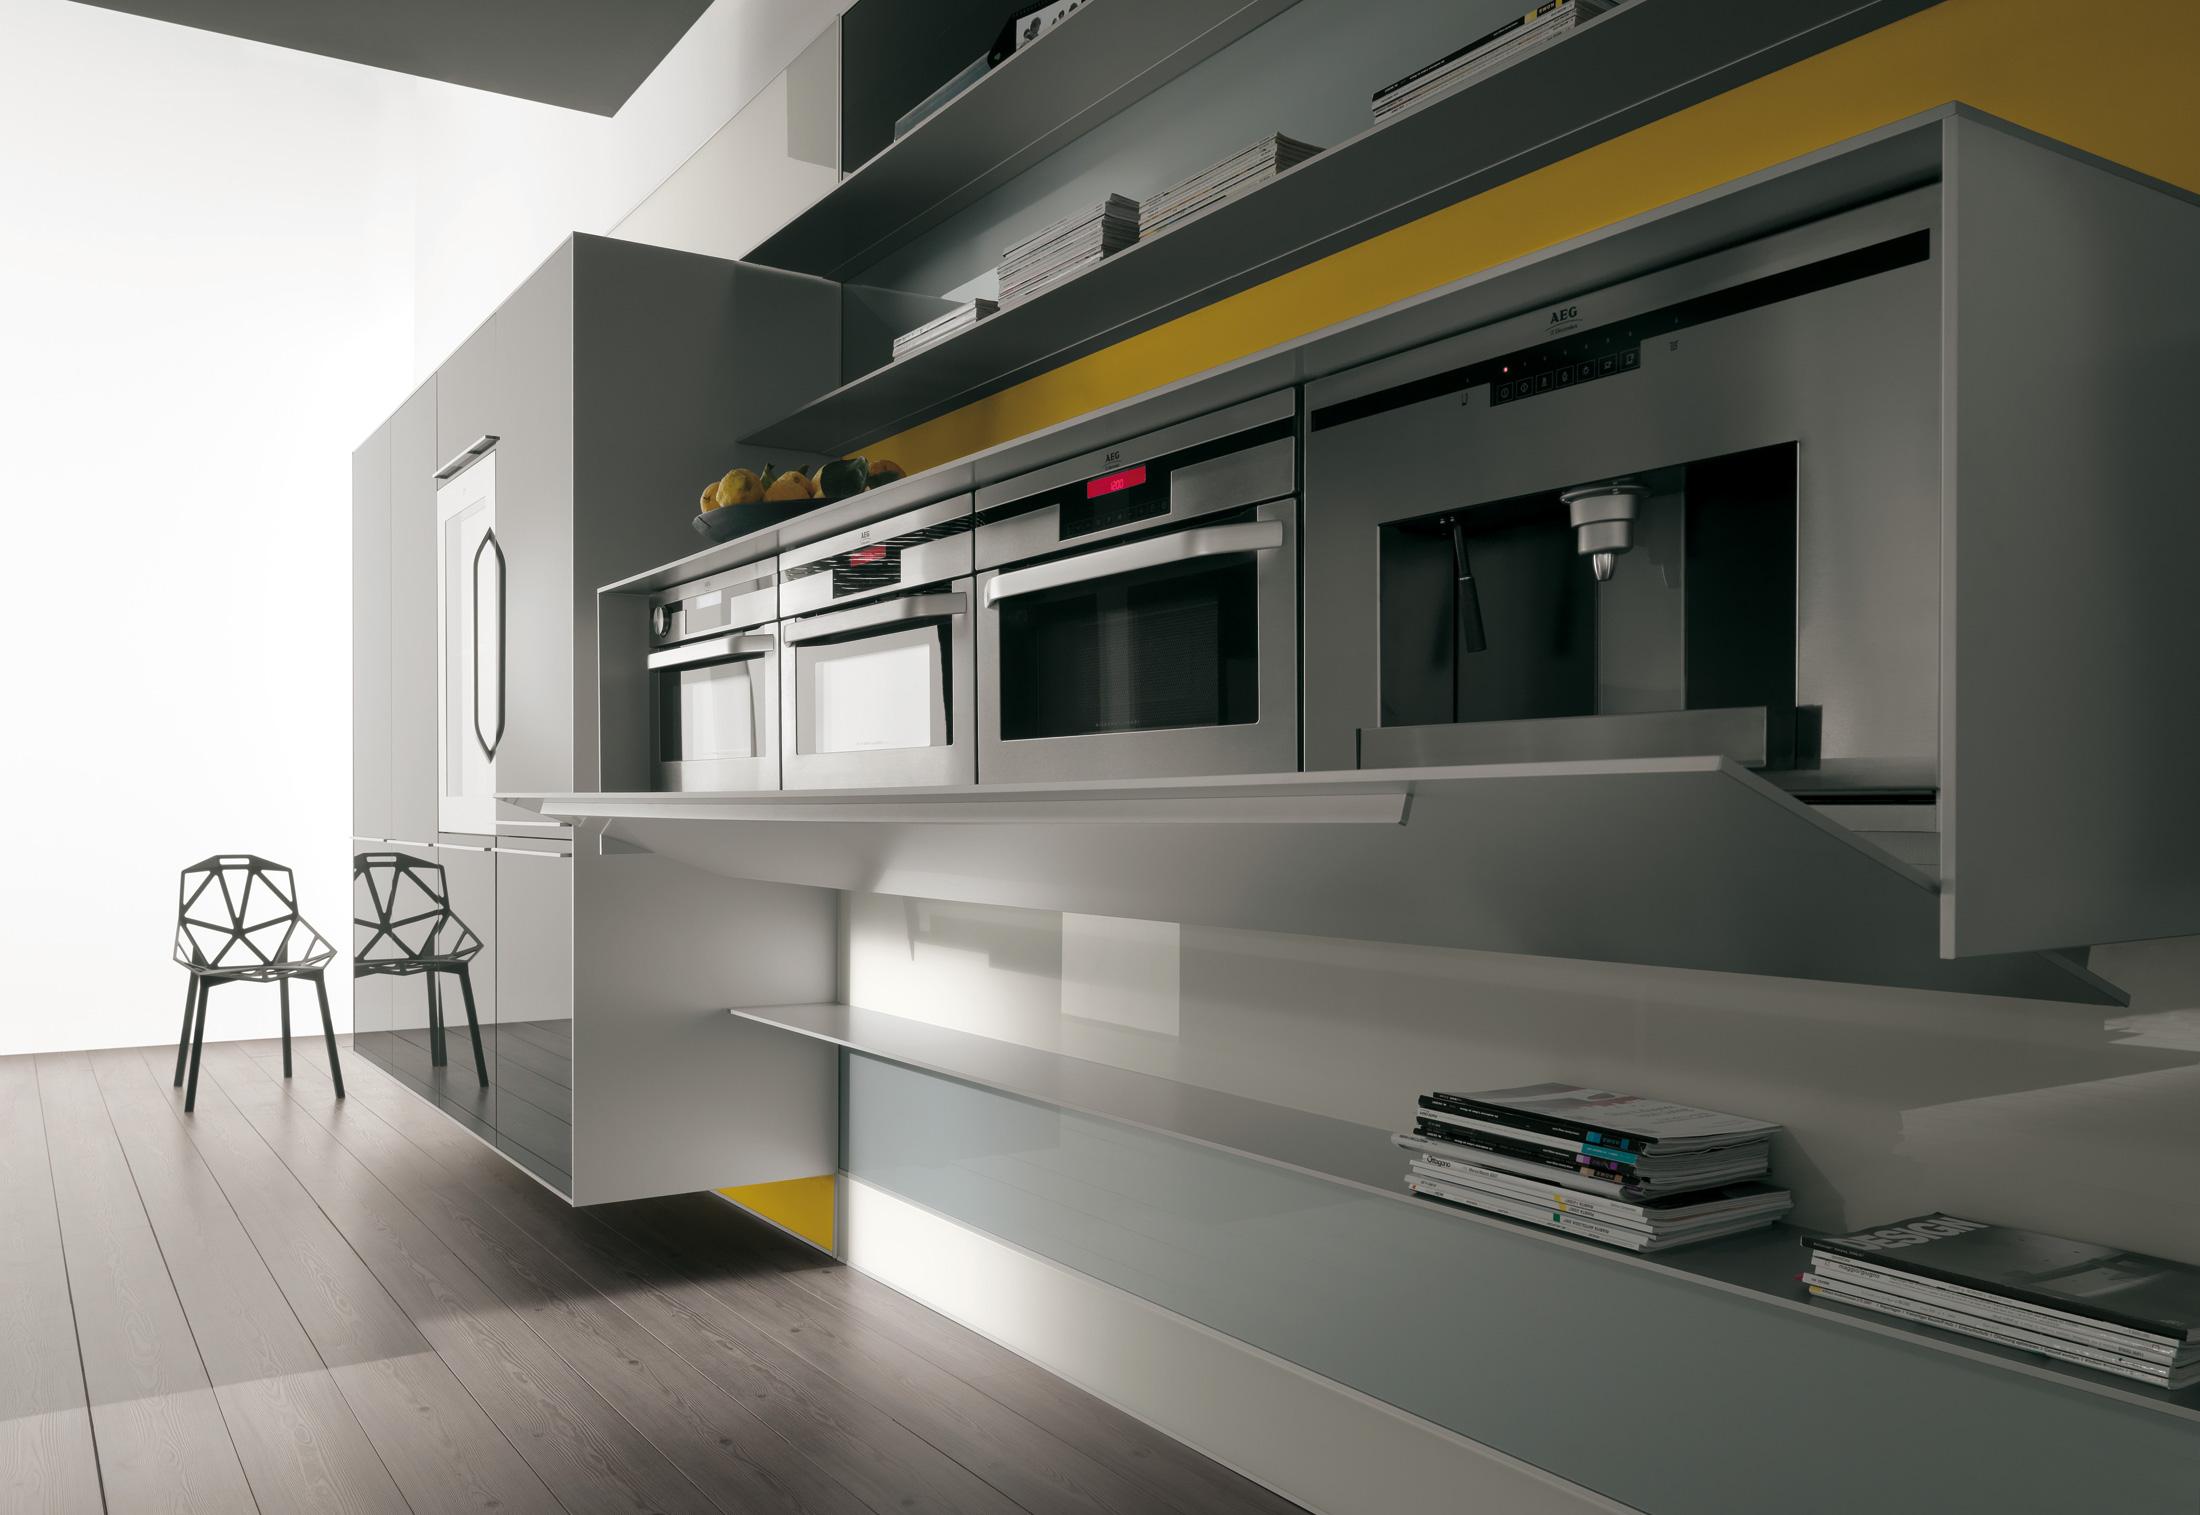 Stunning Valcucine Artematica Vitrum Photos - Home Design Ideas ...